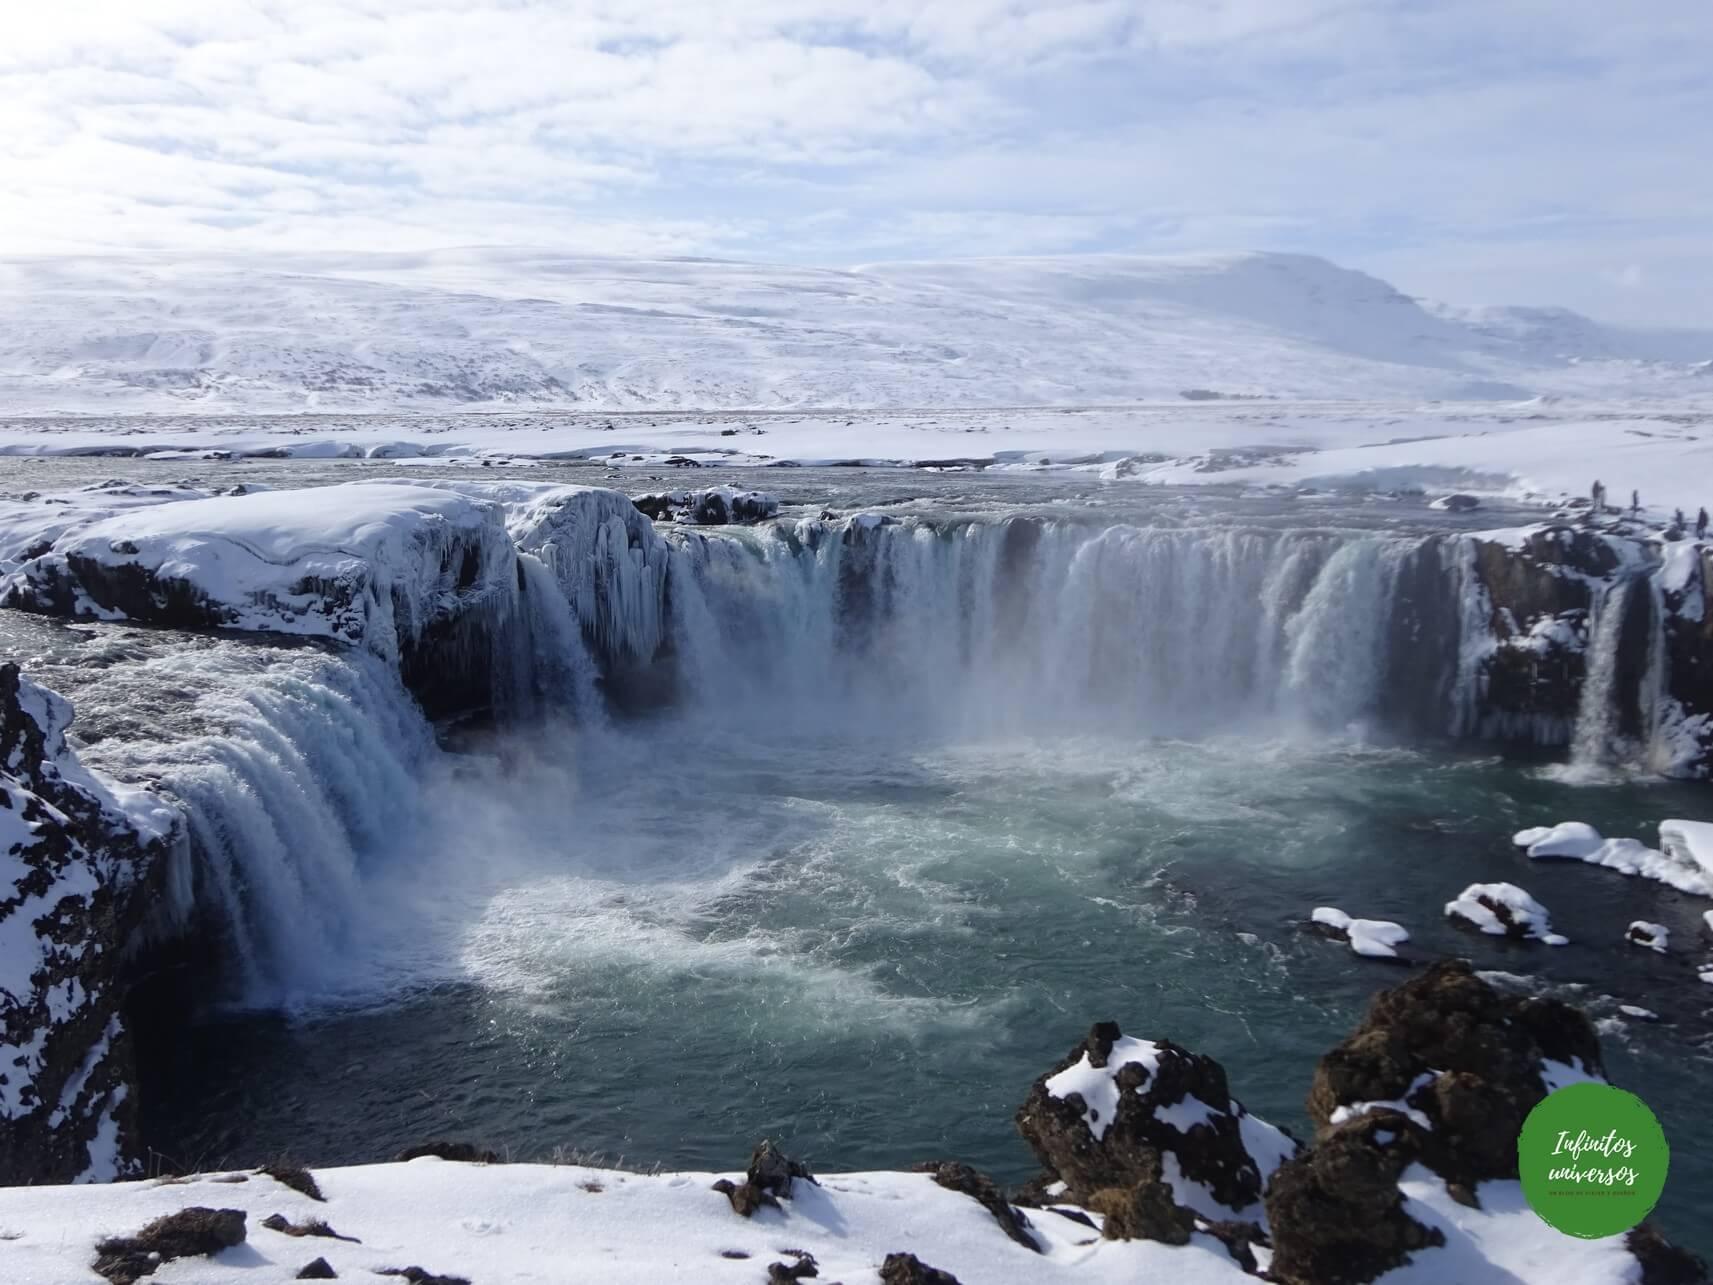 godafoss Ruta por las Cascadas del norte de Islandia: Godafoss, Dettifoss, Selfoss y Hafragilsfoss